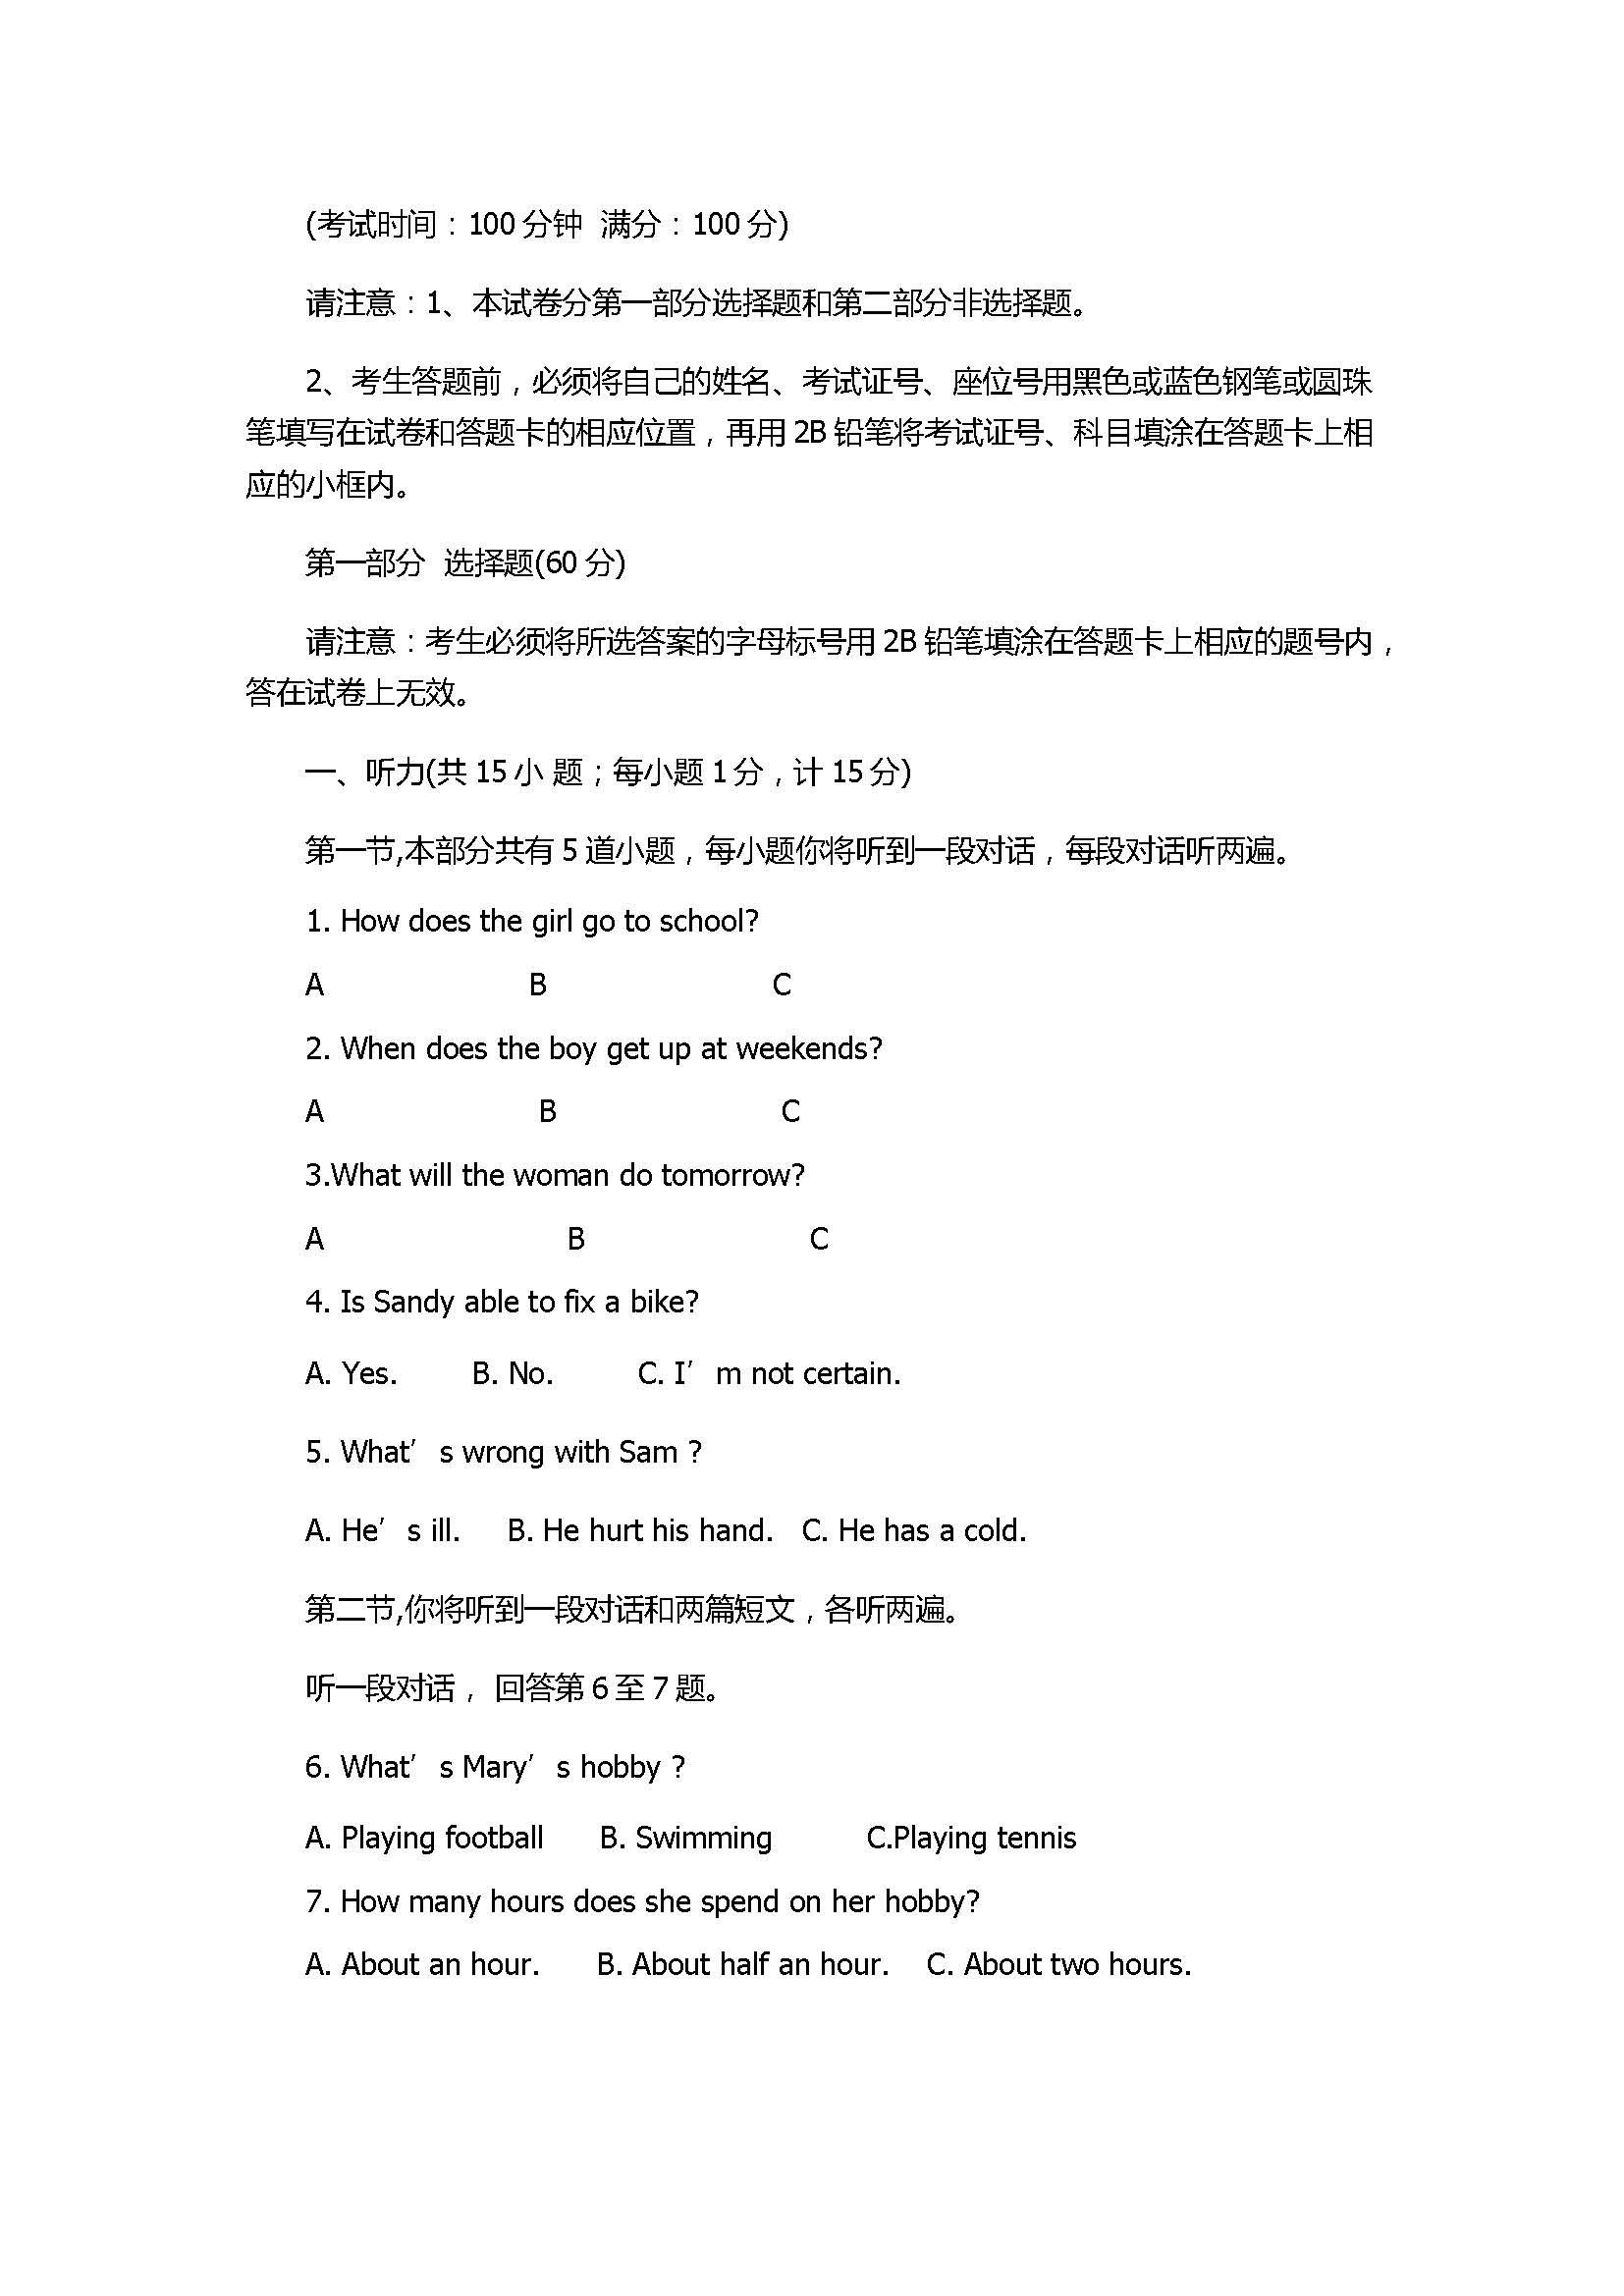 2017八年级英语上册期中试题含参考答案(泰兴市实验中学)